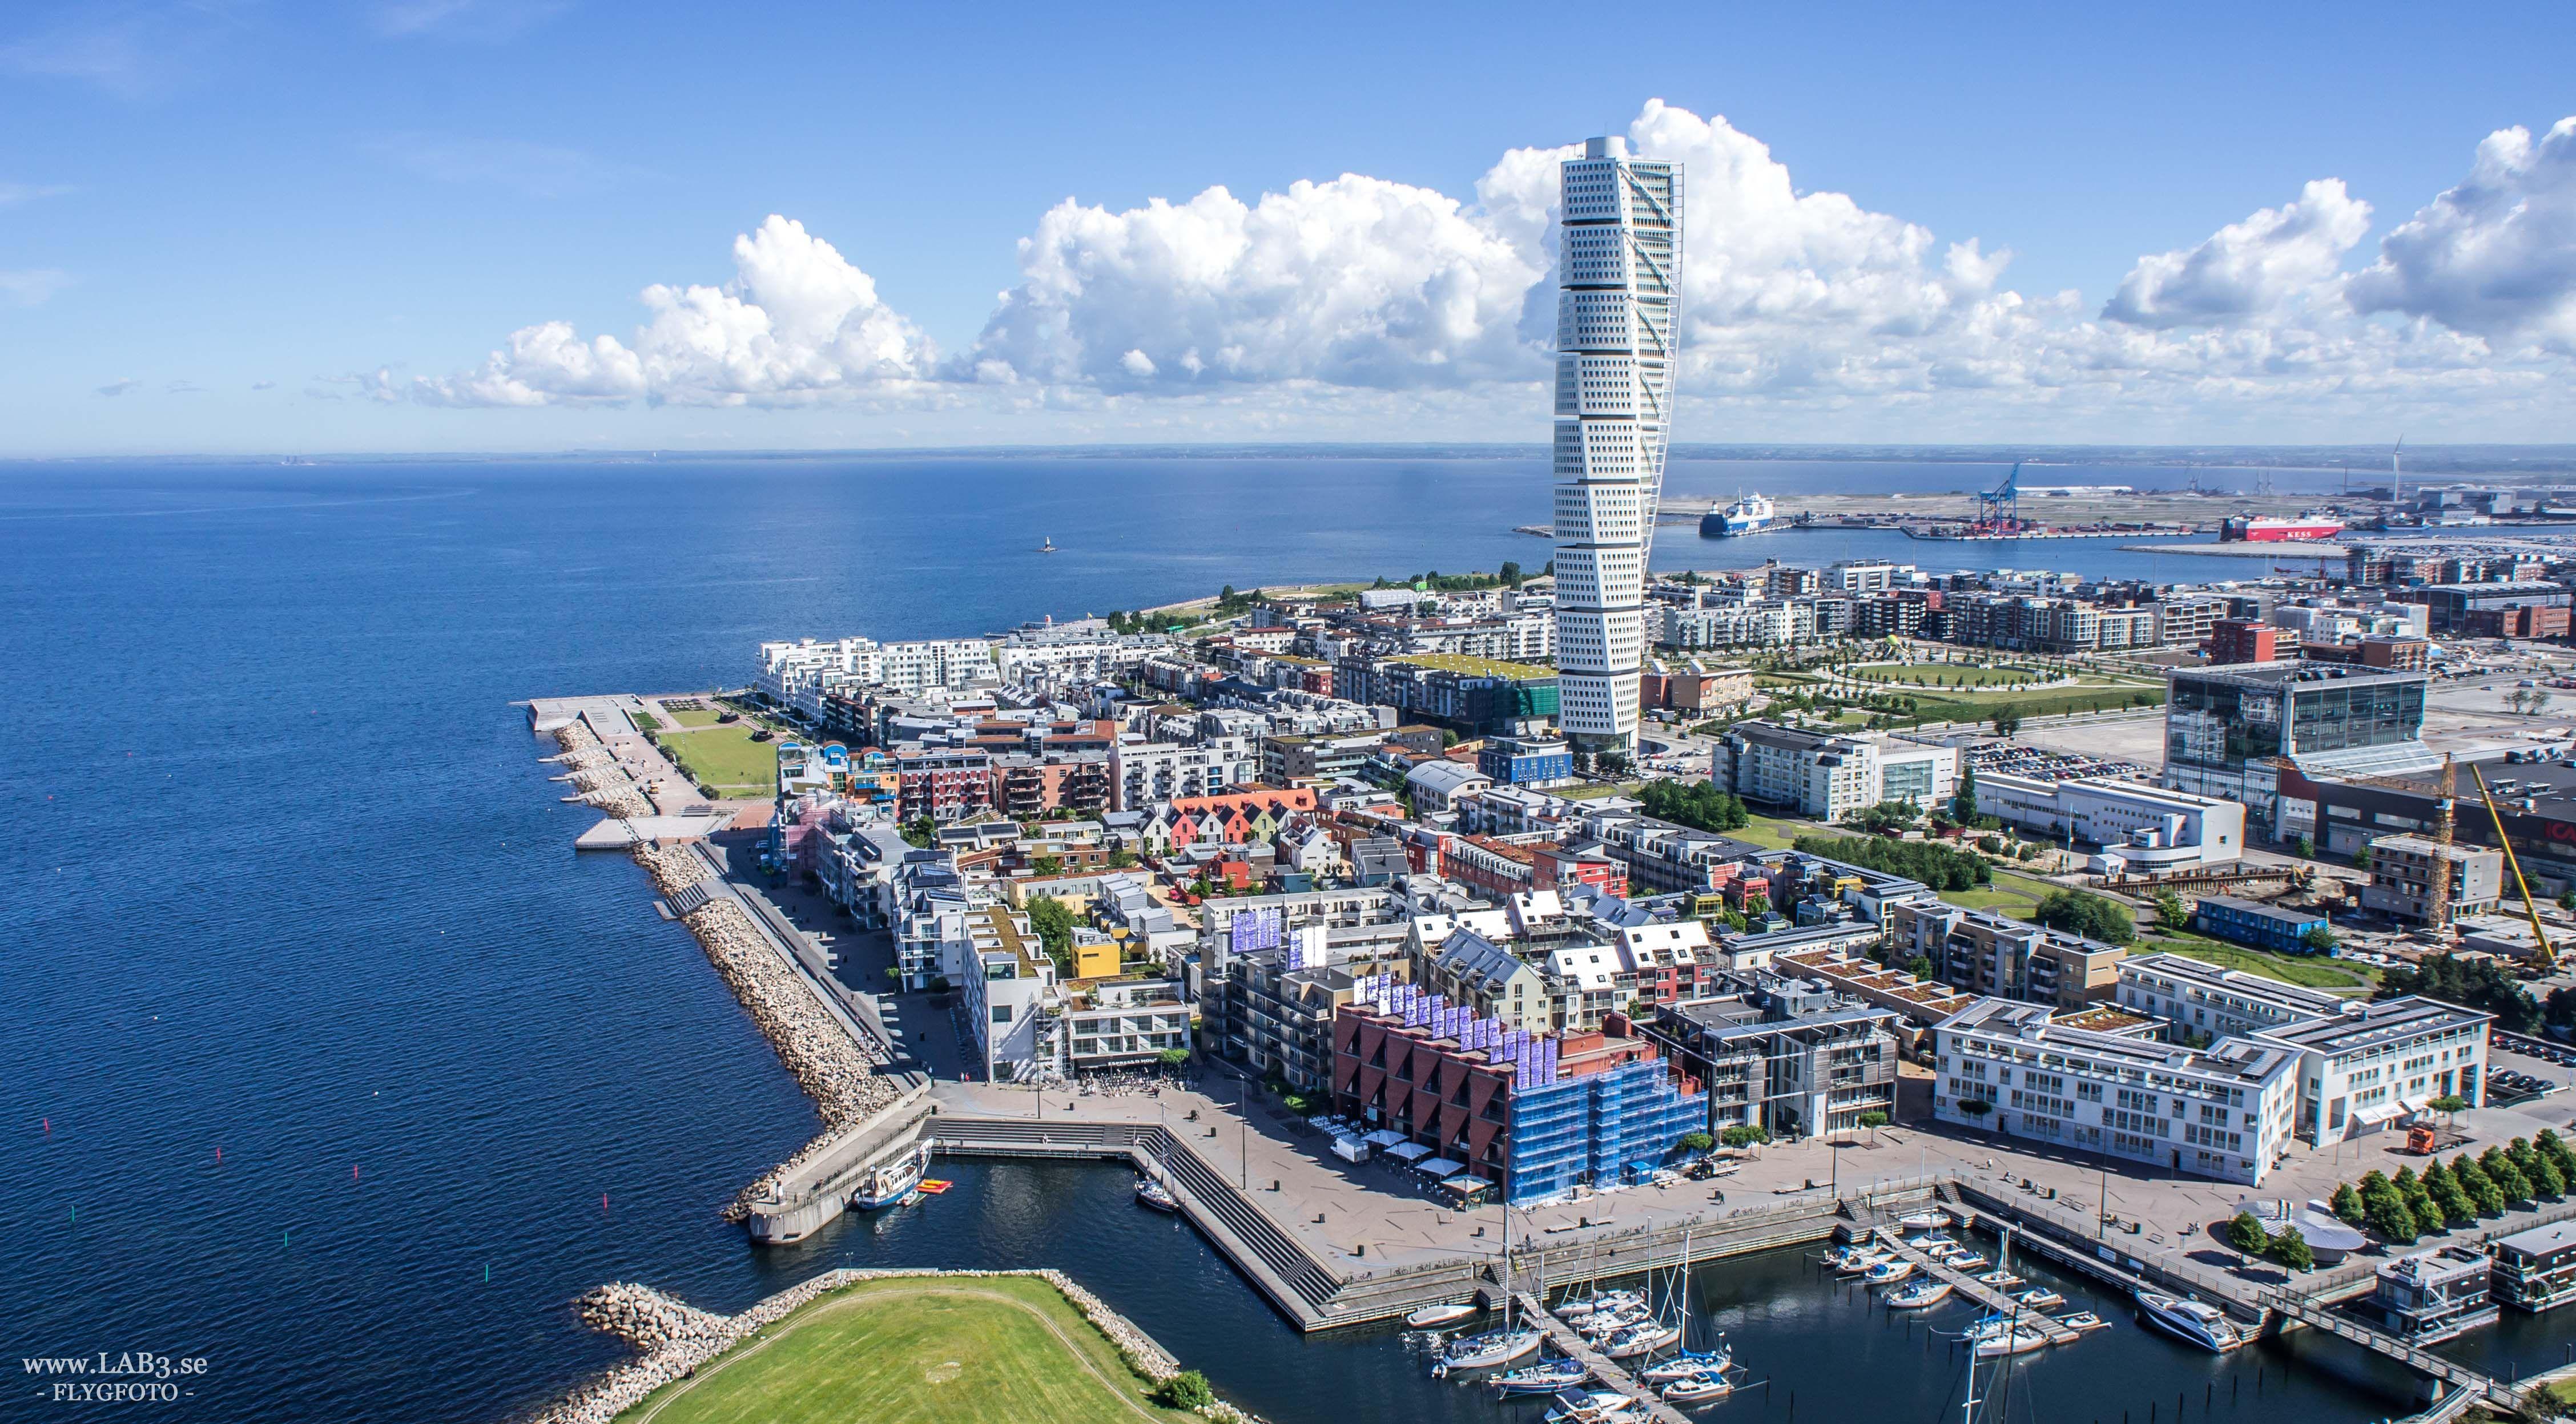 Malmö Tourist Guide - Malmö, Sweden